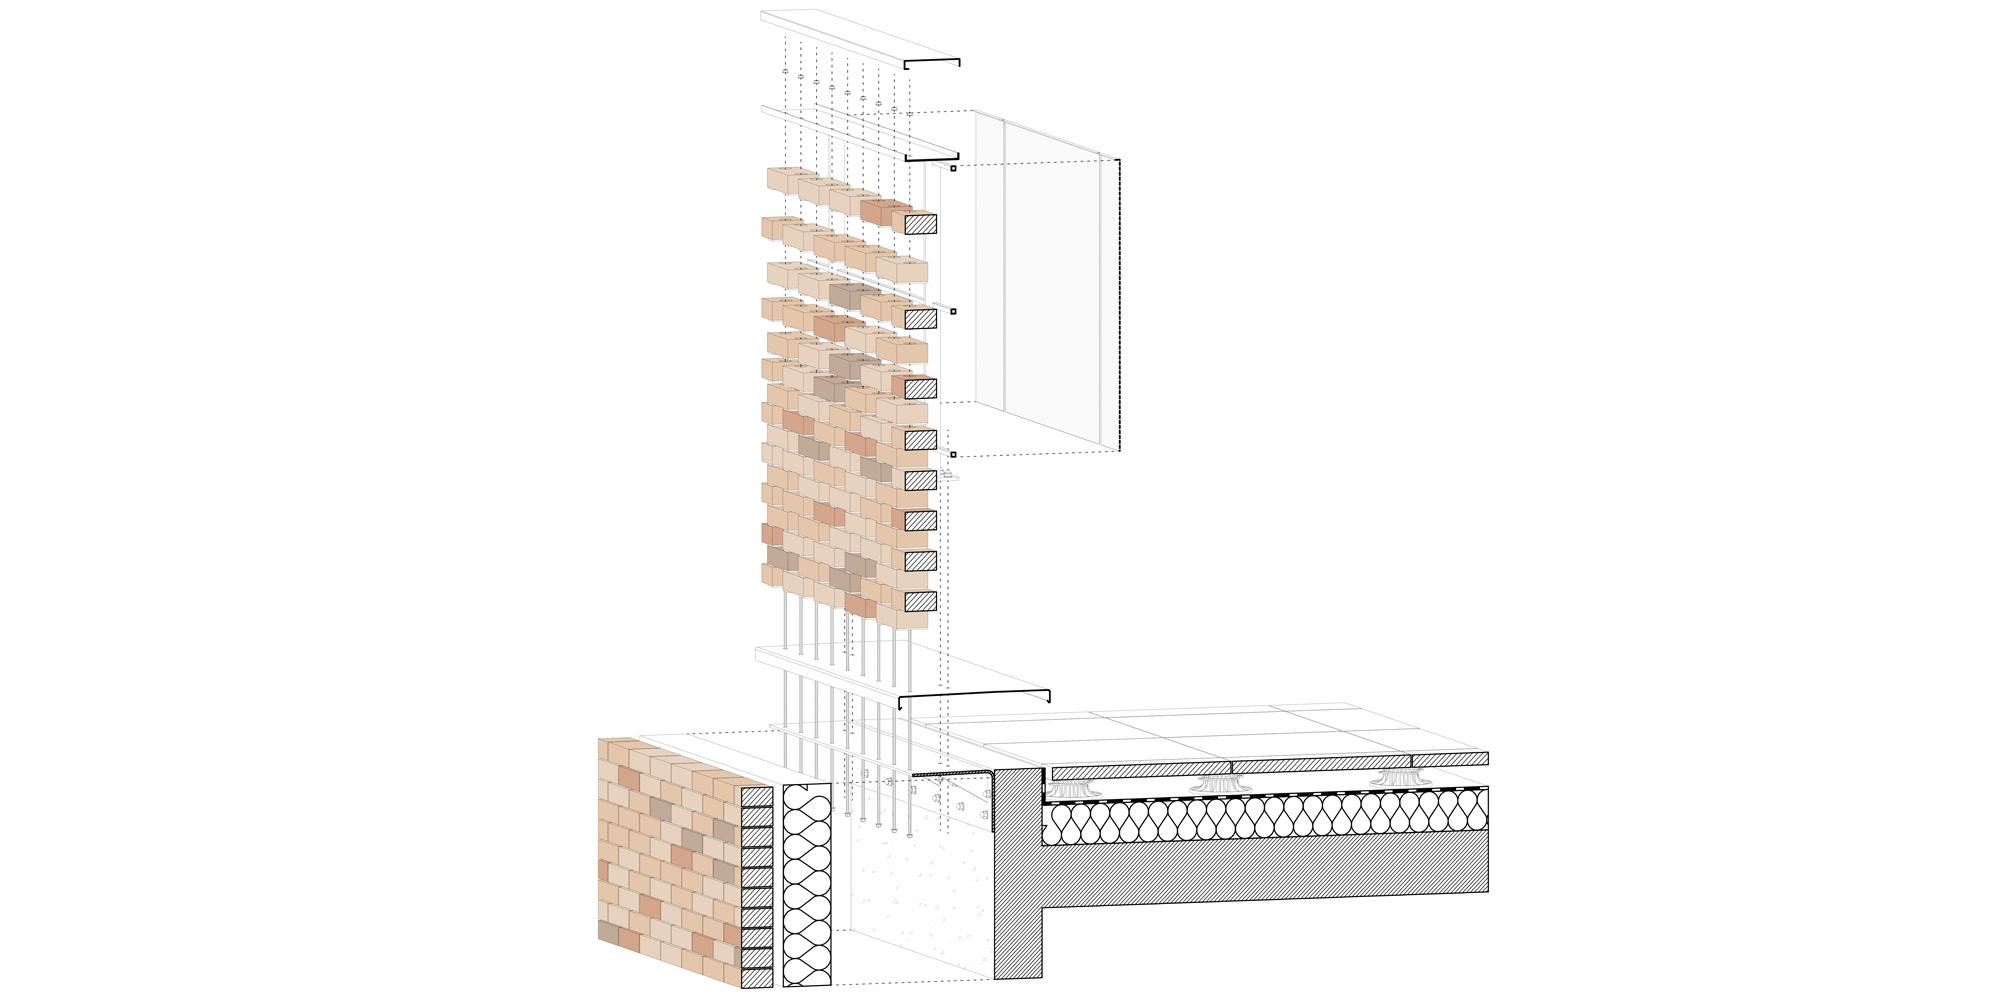 Dettaglio facciata © PETITDIDIERPRIOUX Architectes